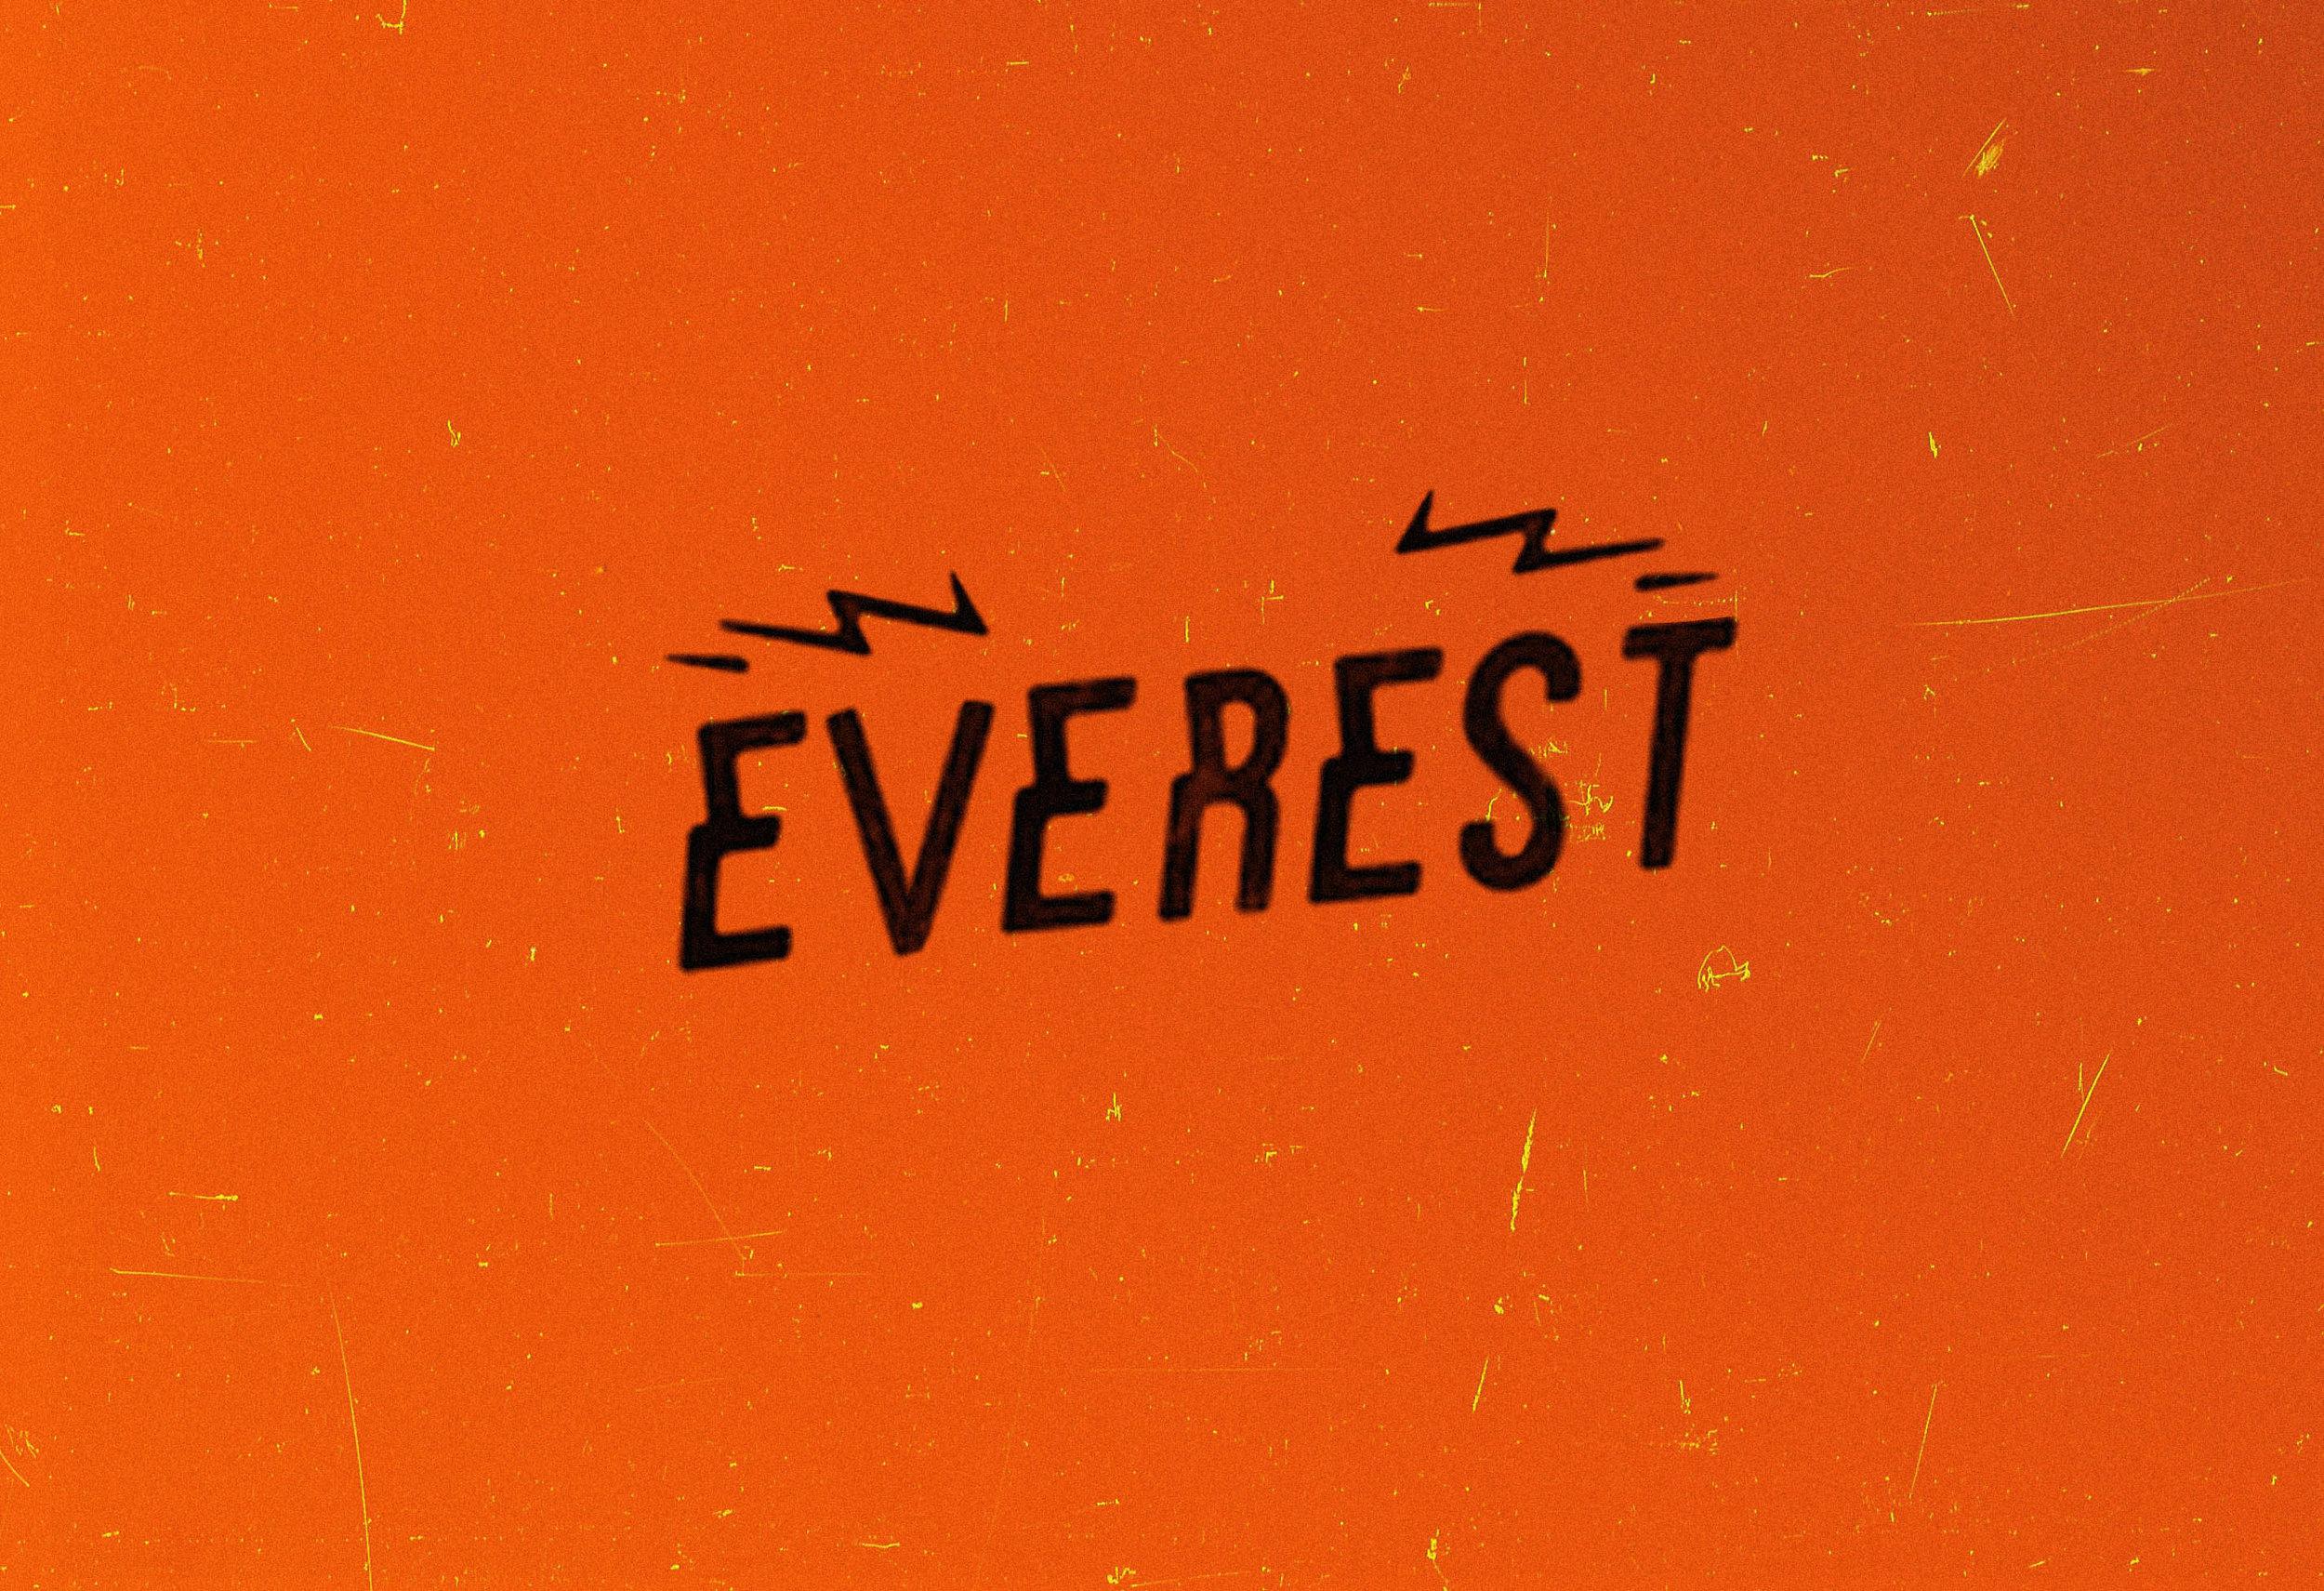 everest_2013logo_OR.jpg